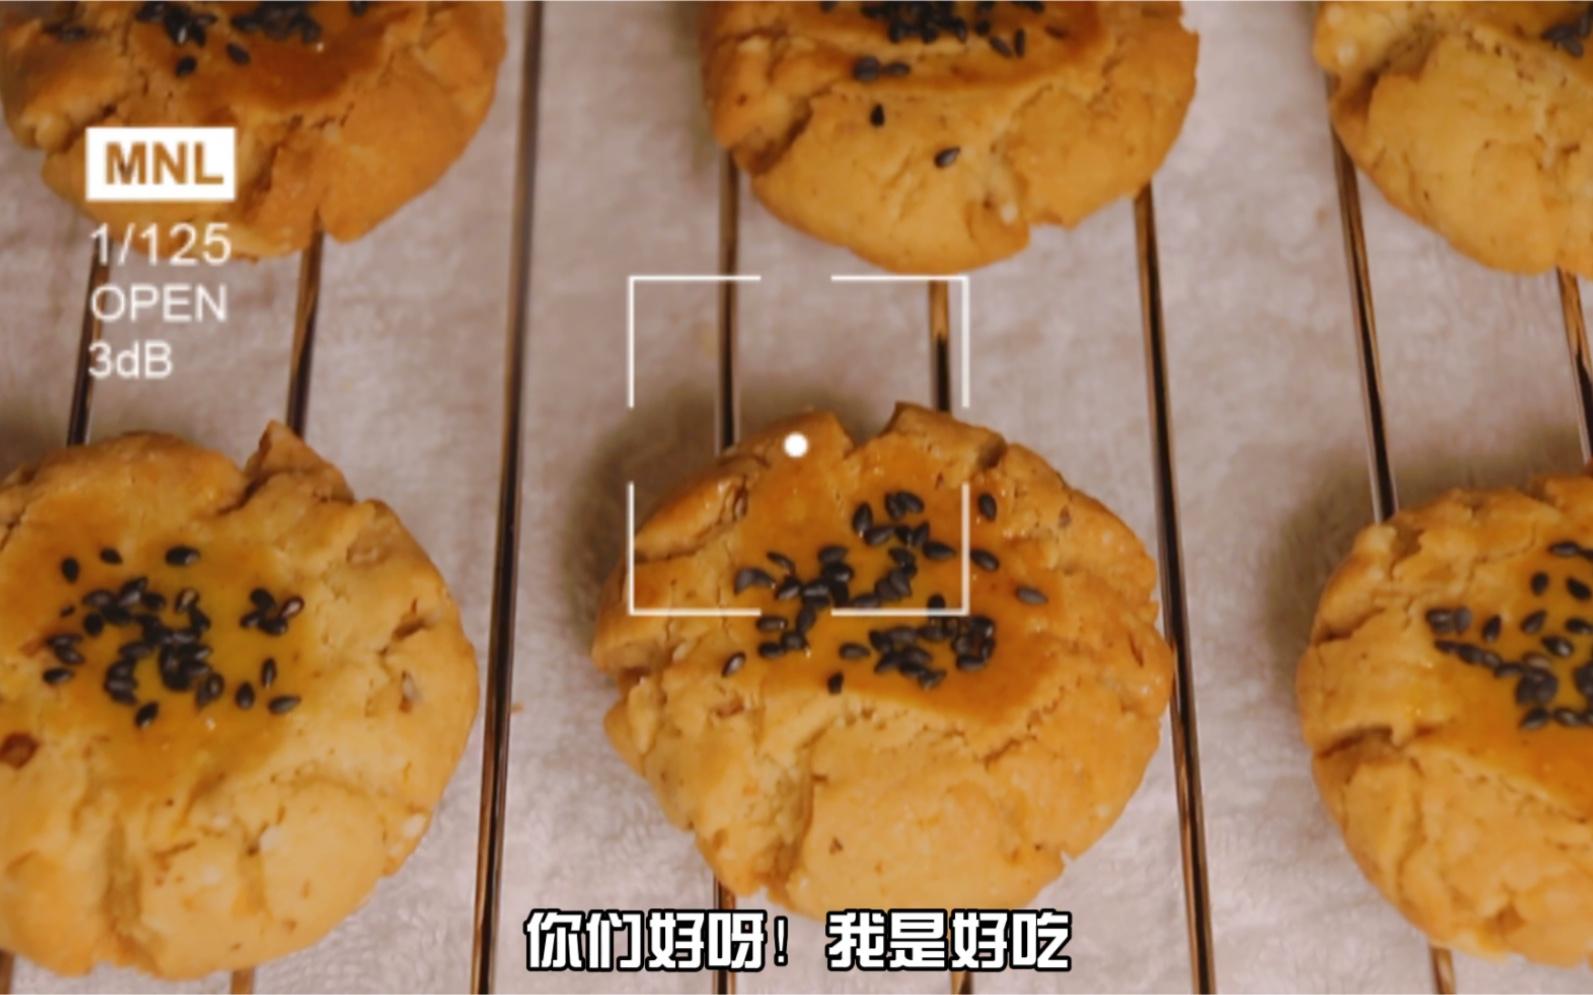 【核桃酥】超级好吃的核桃酥,做法竟然这么简单!!get!!